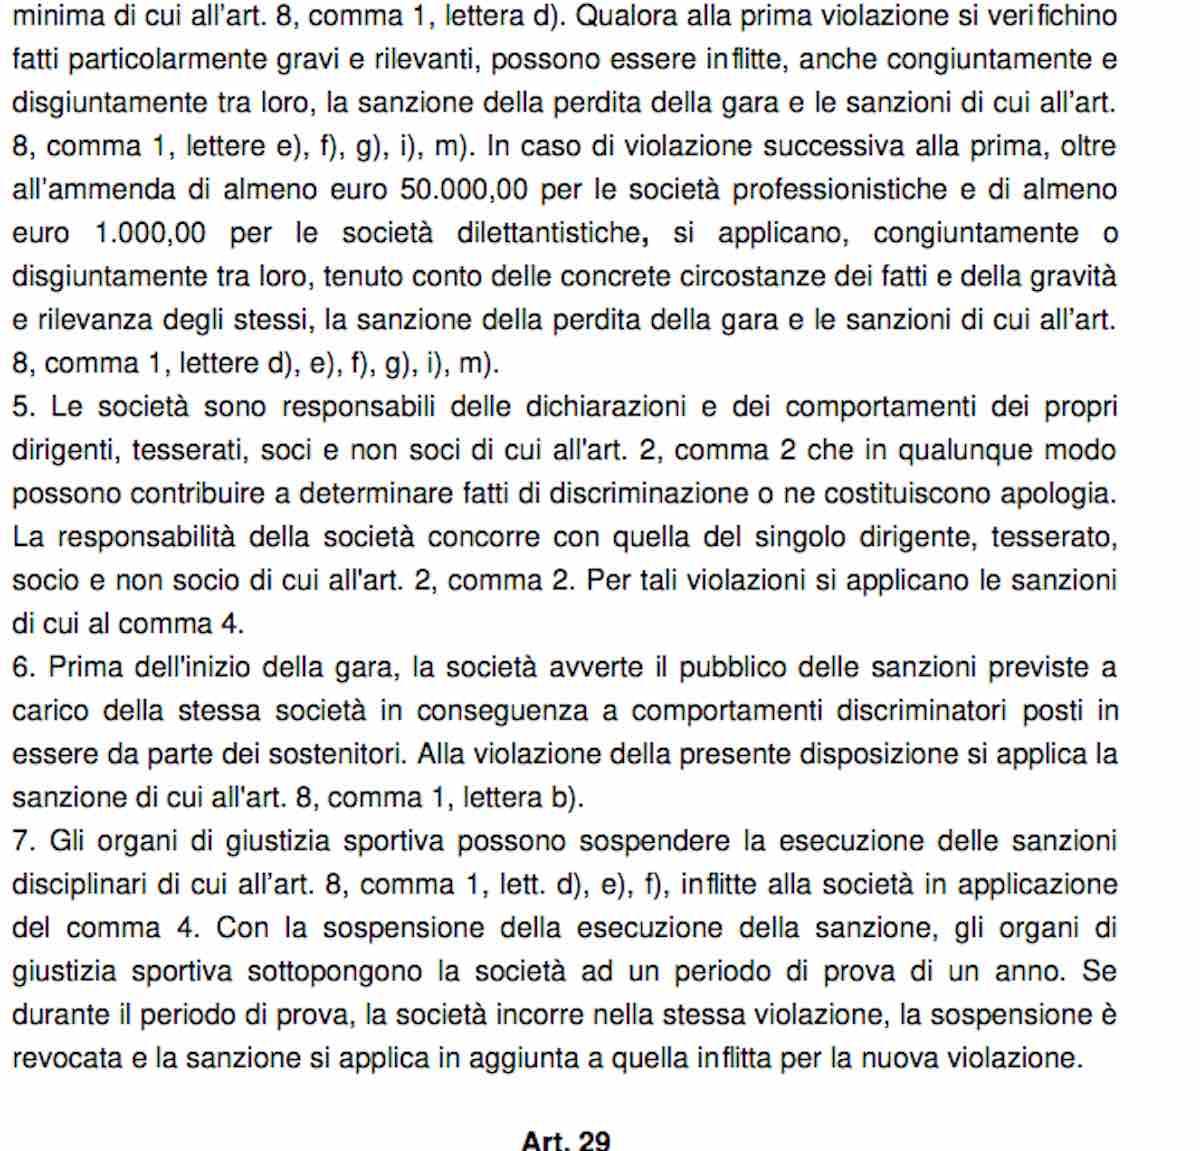 Codice di Giustizia Sportiva - Atti discriminatori - parte 2